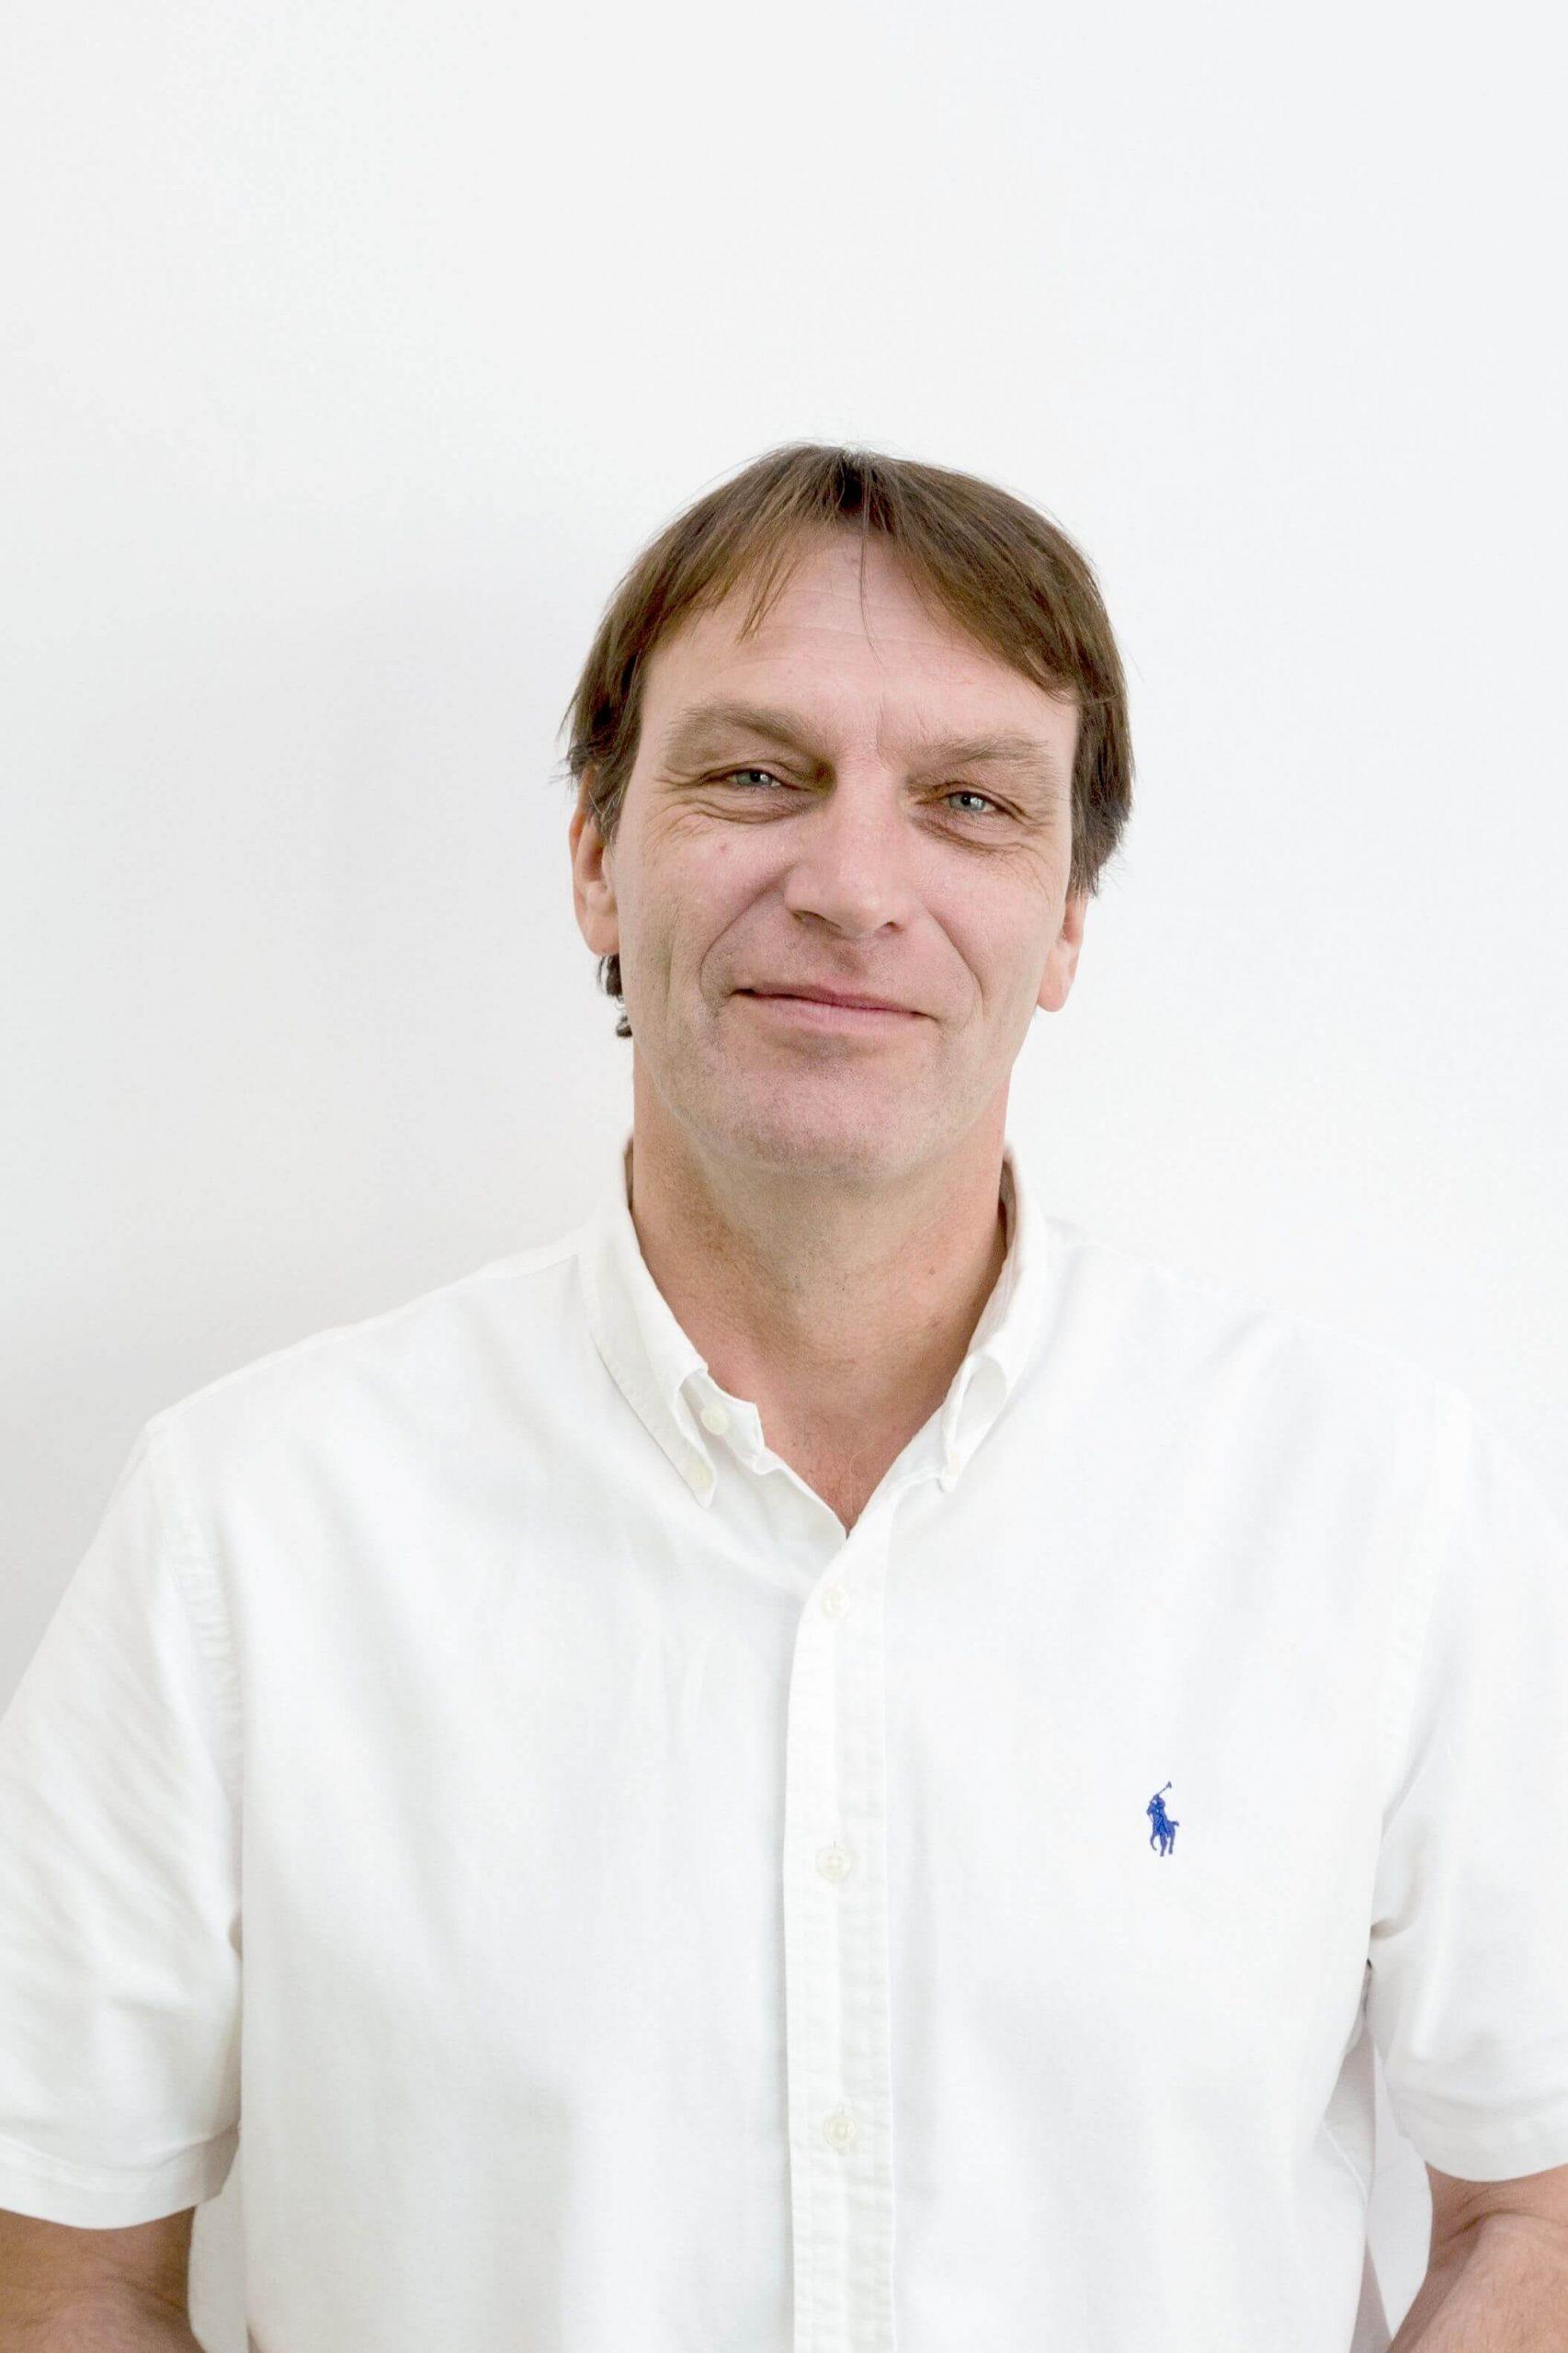 Dr. Alexander Nahler